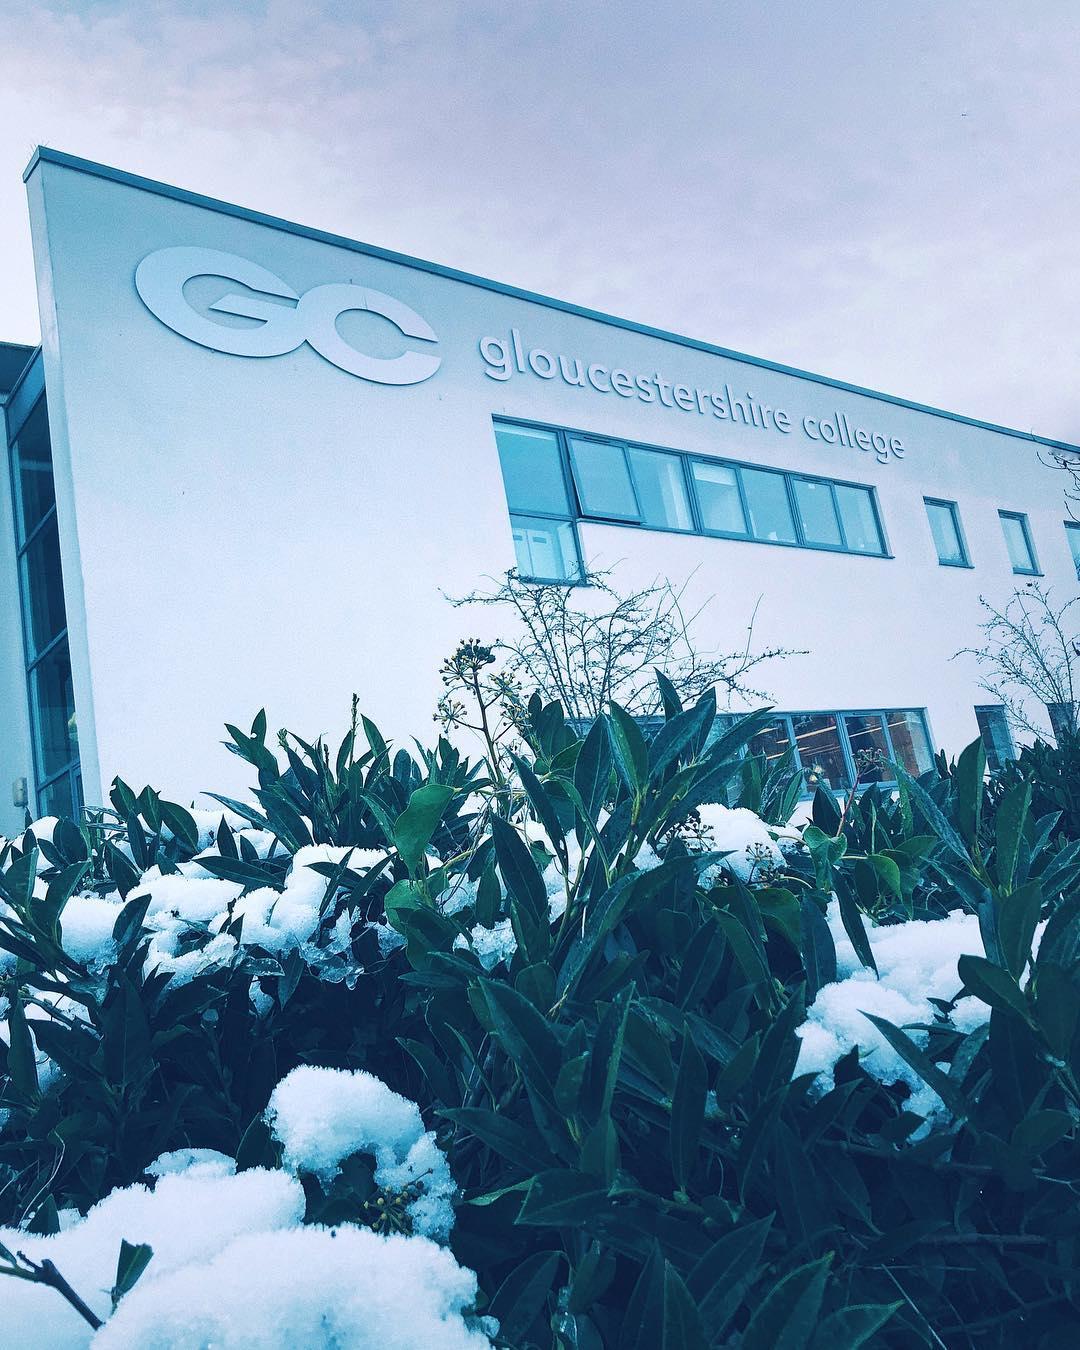 كلية غلوسترشير – GLOUCESTERSHIRE COLLEGE